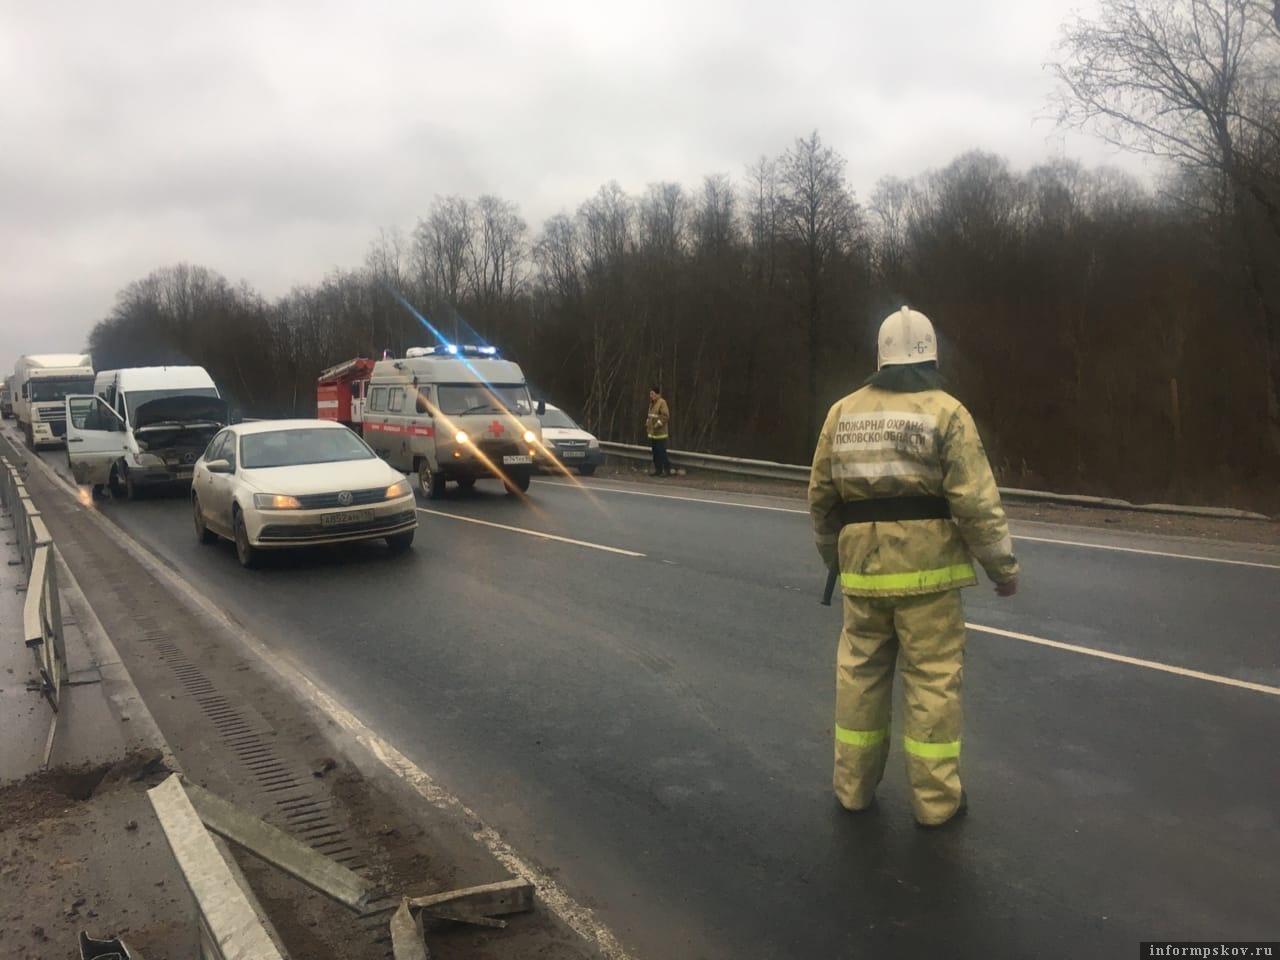 Два грузовика столкнулись в Стругокрасненском районе Псковской области. Фото: Далер Хошимов